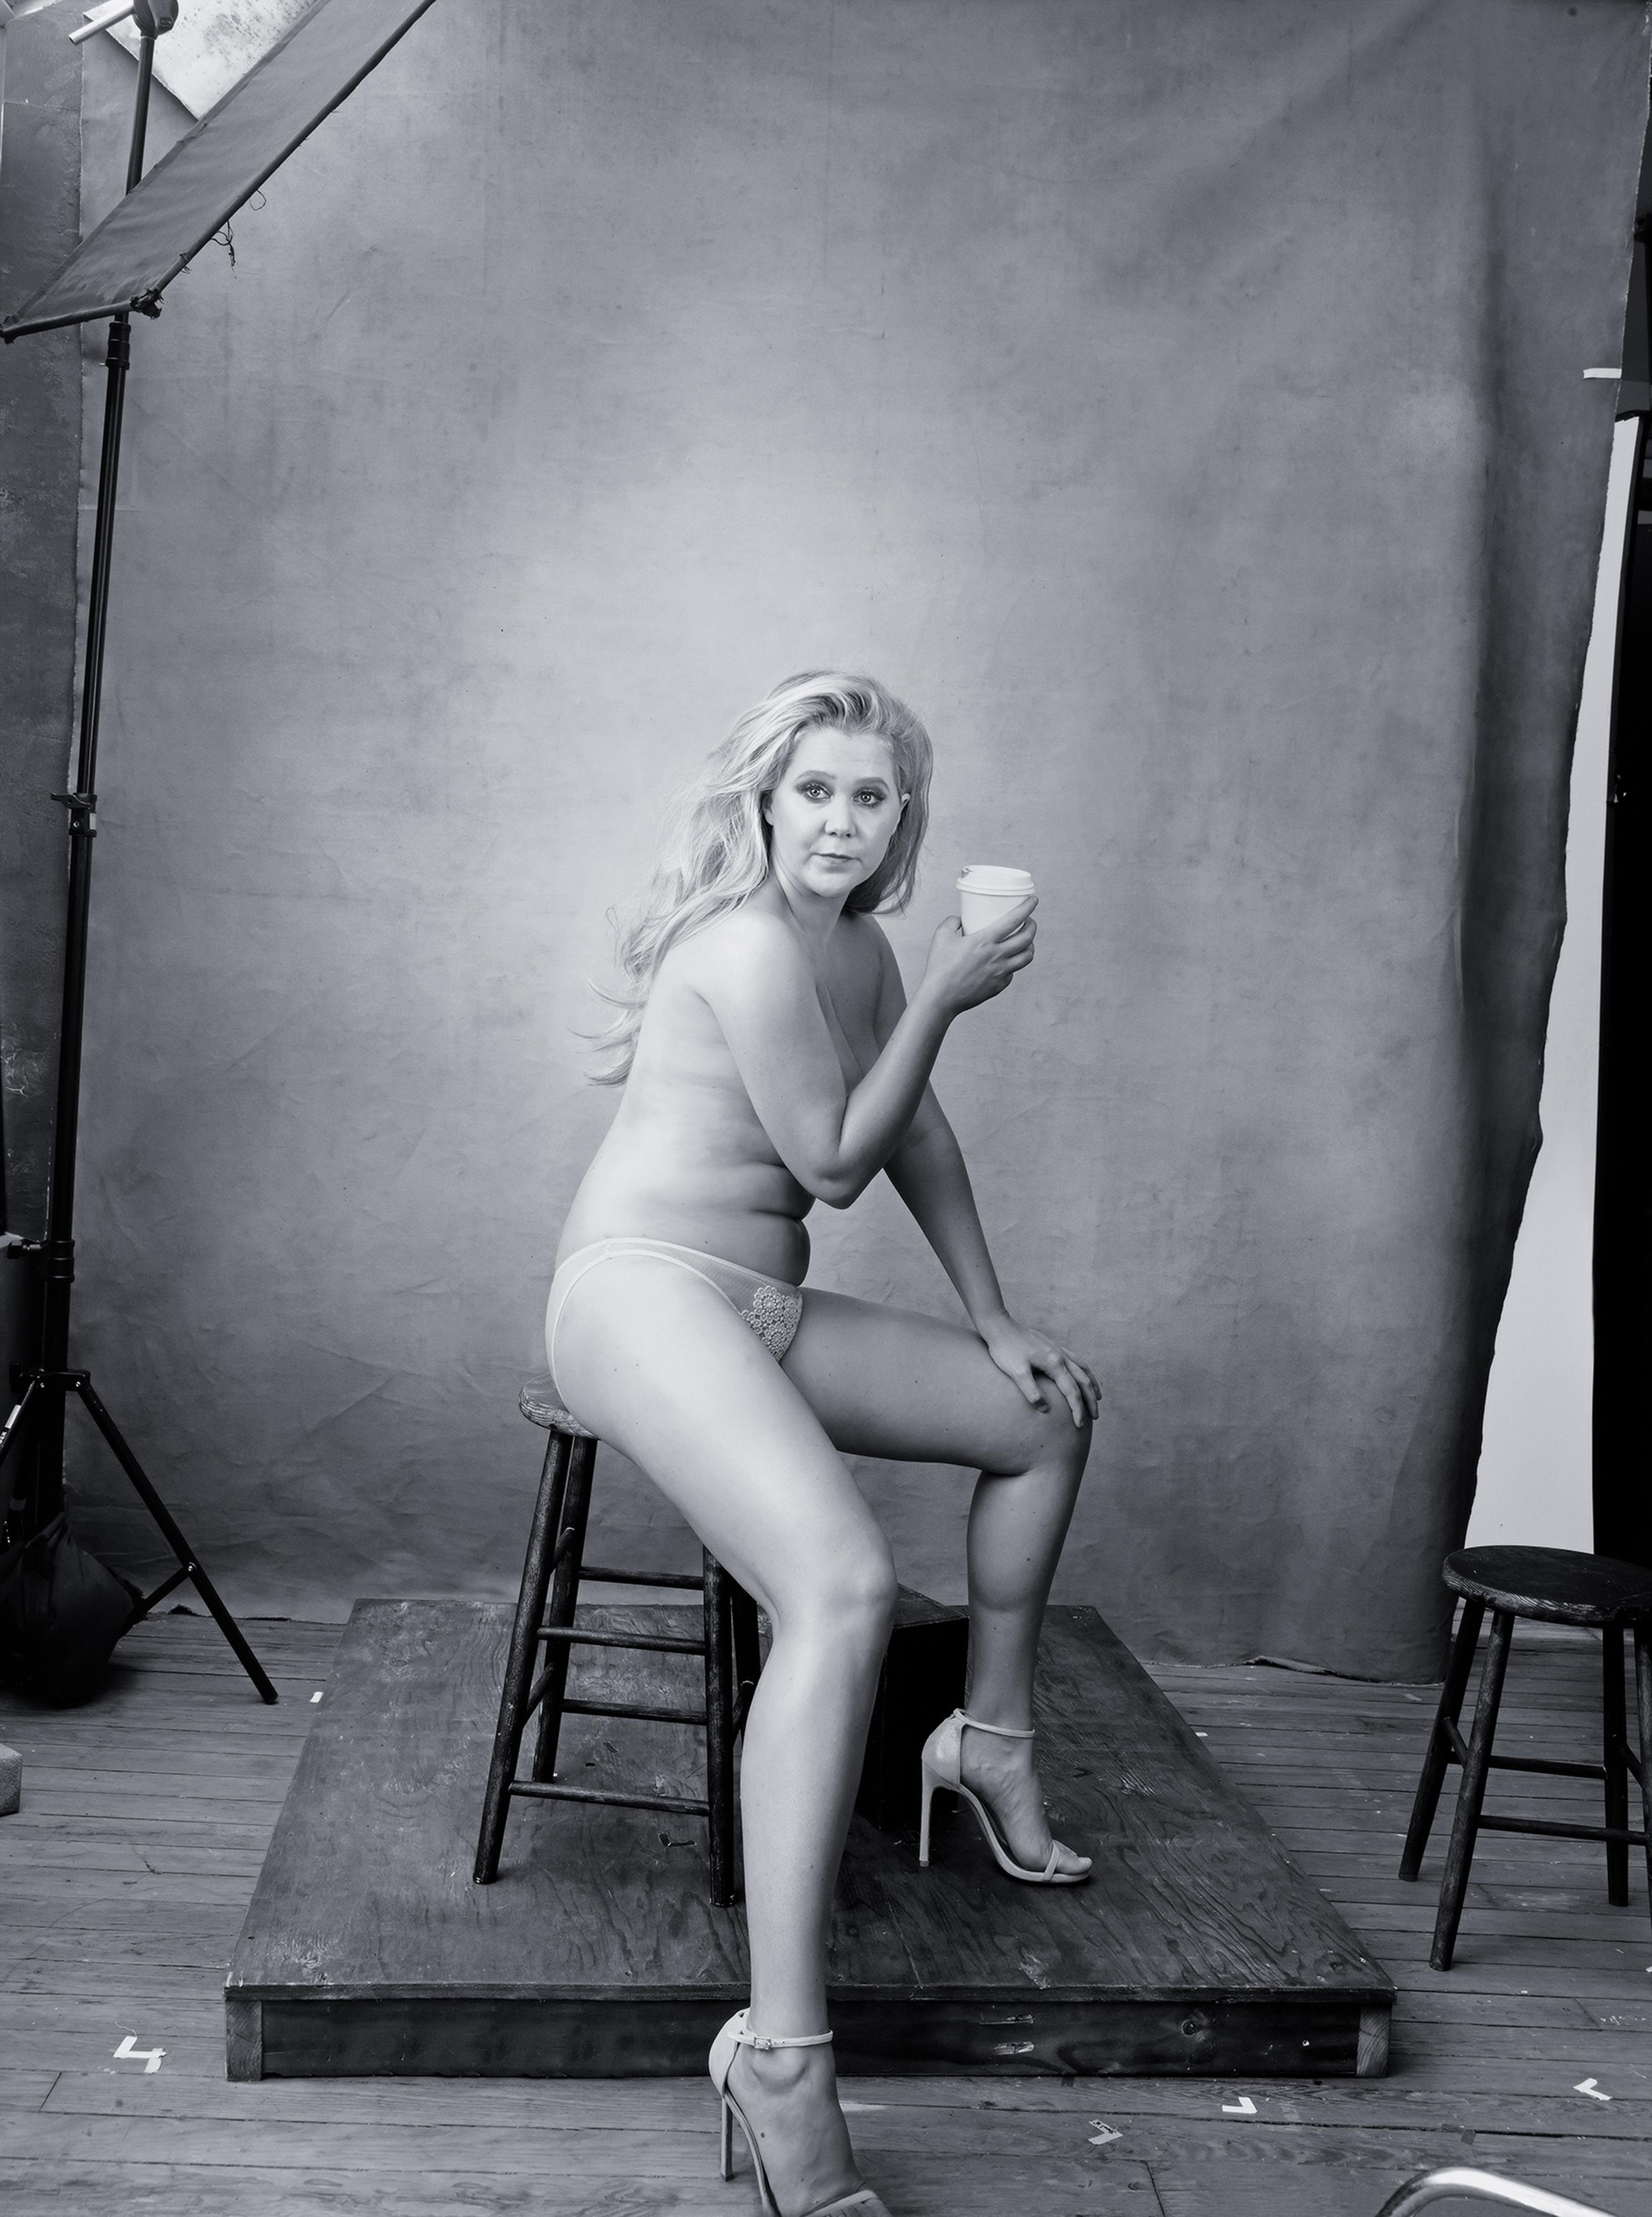 Серена уильямс голая фото 10 фотография